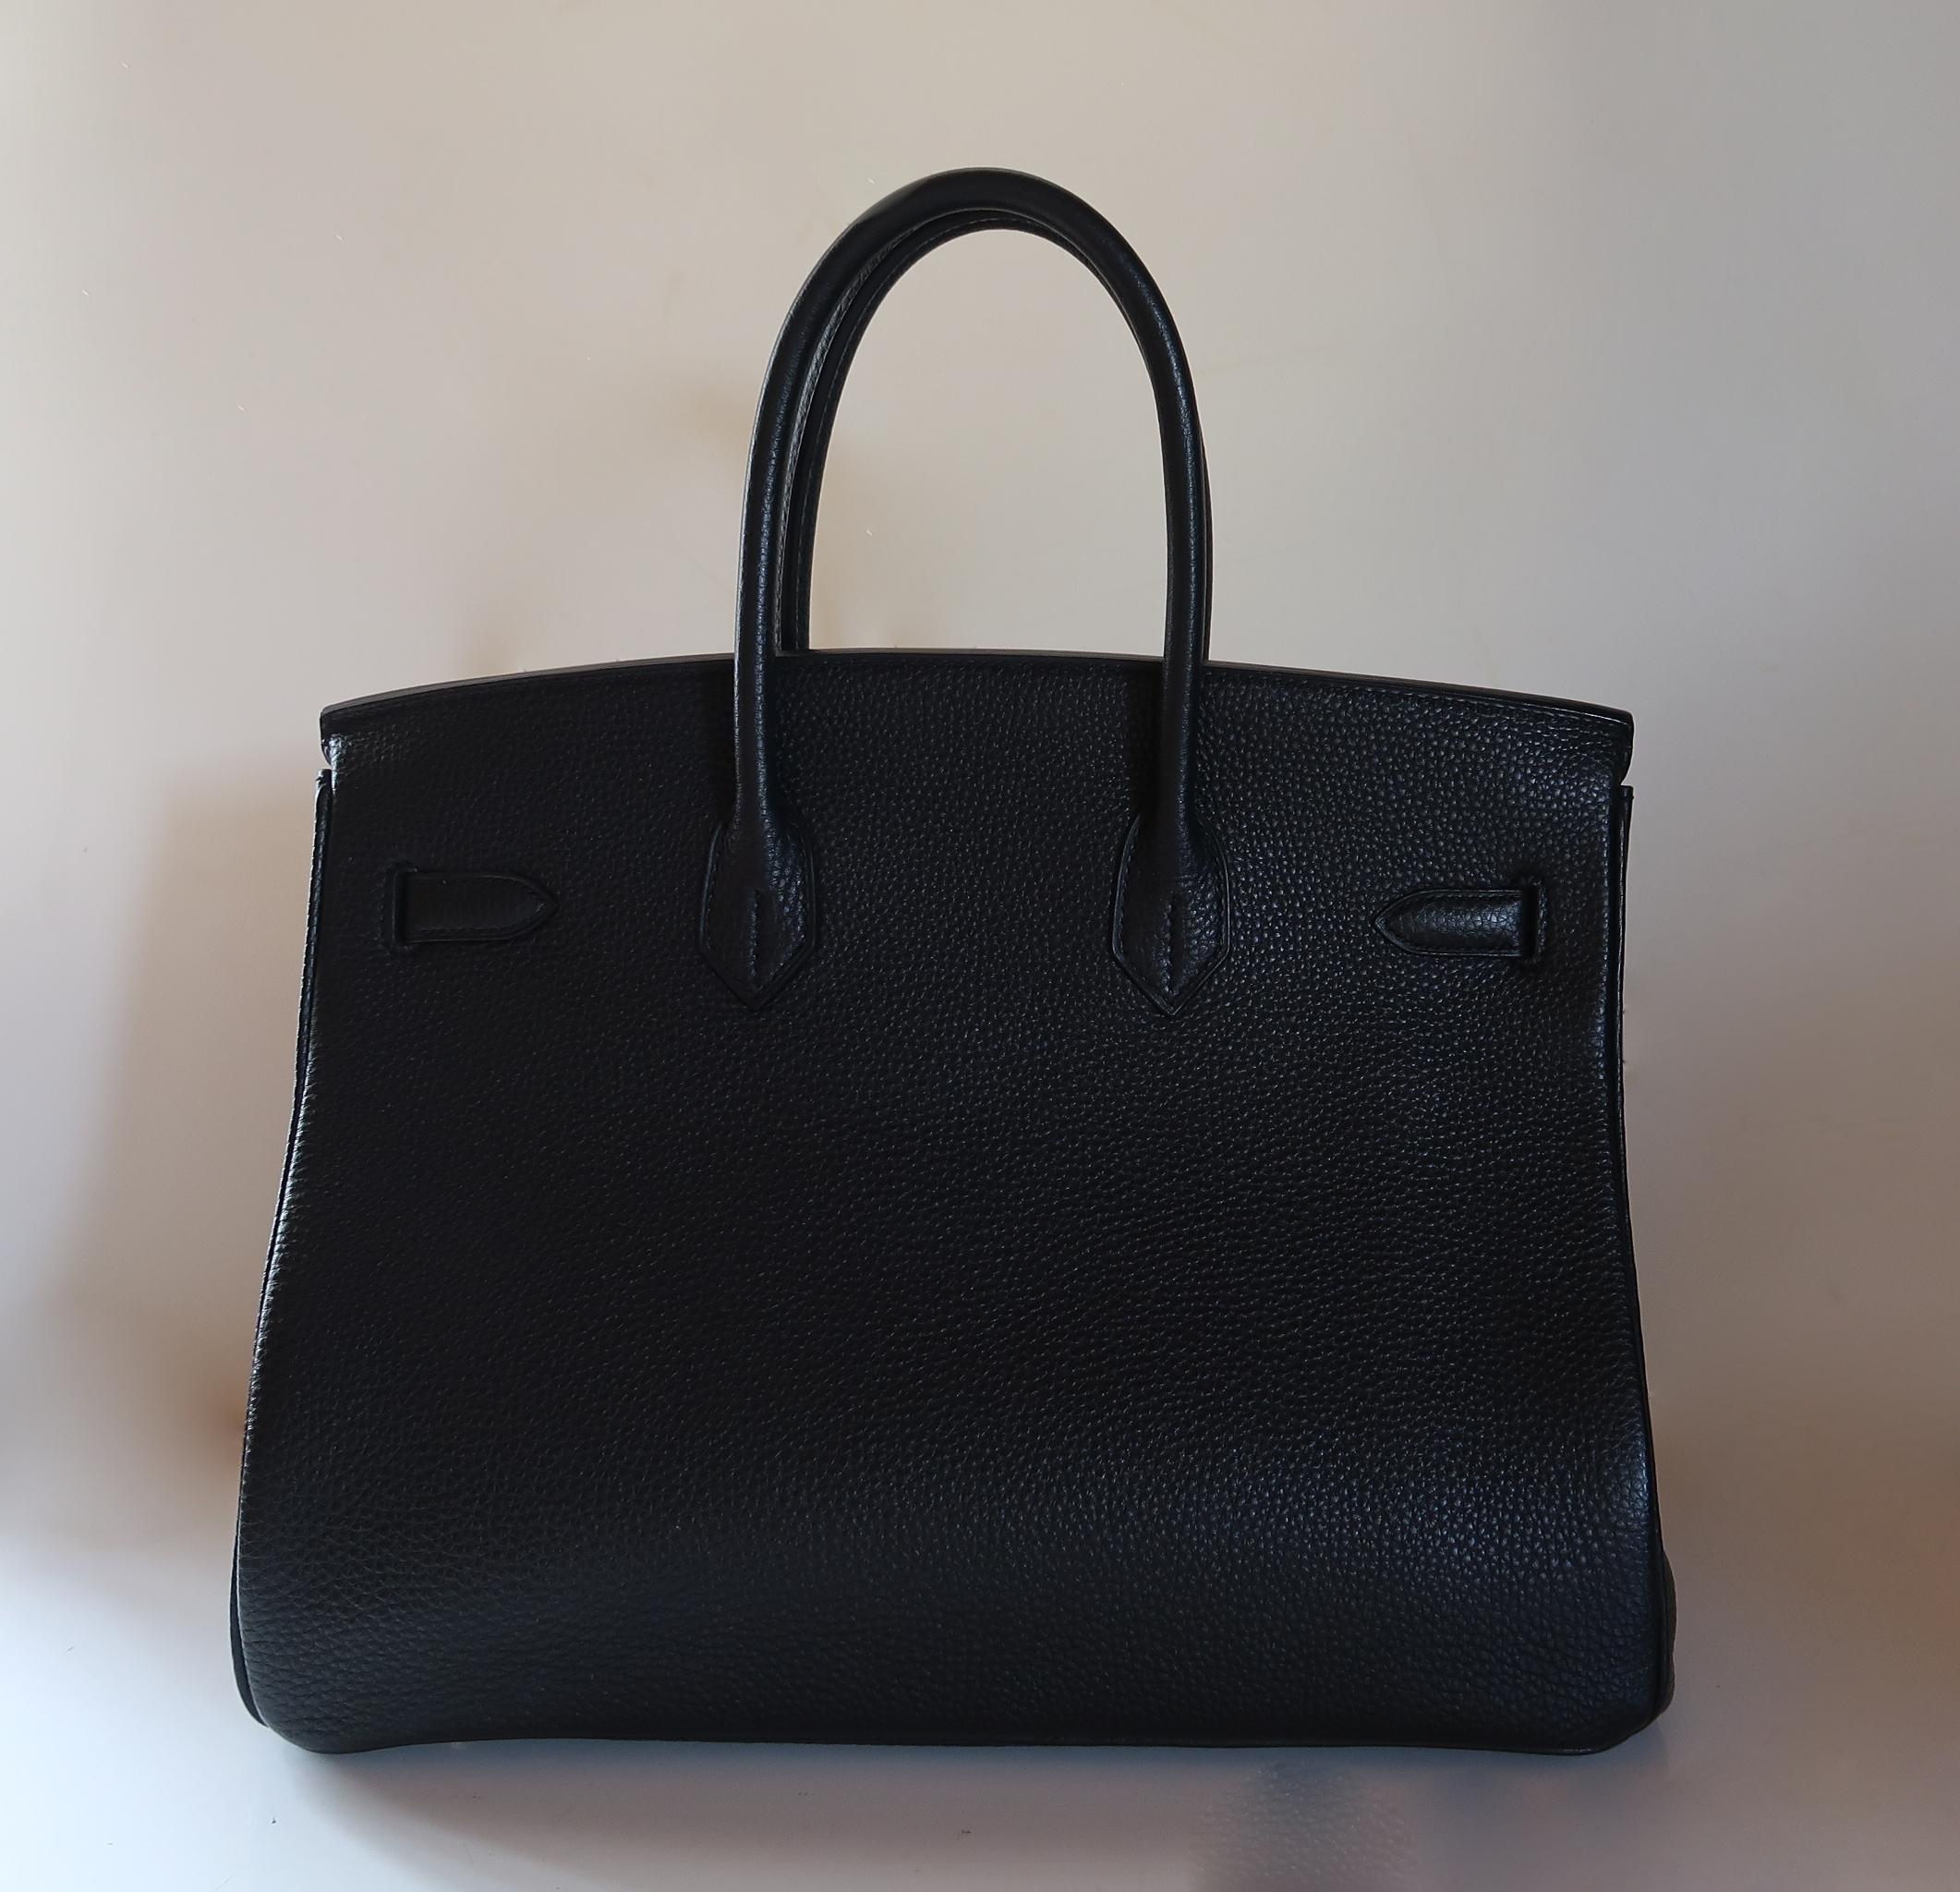 Authentic Hermès Birkin 35 Cm Black Togo Gold Hardware – SANDIA EXCHANGE 9c3b61a80